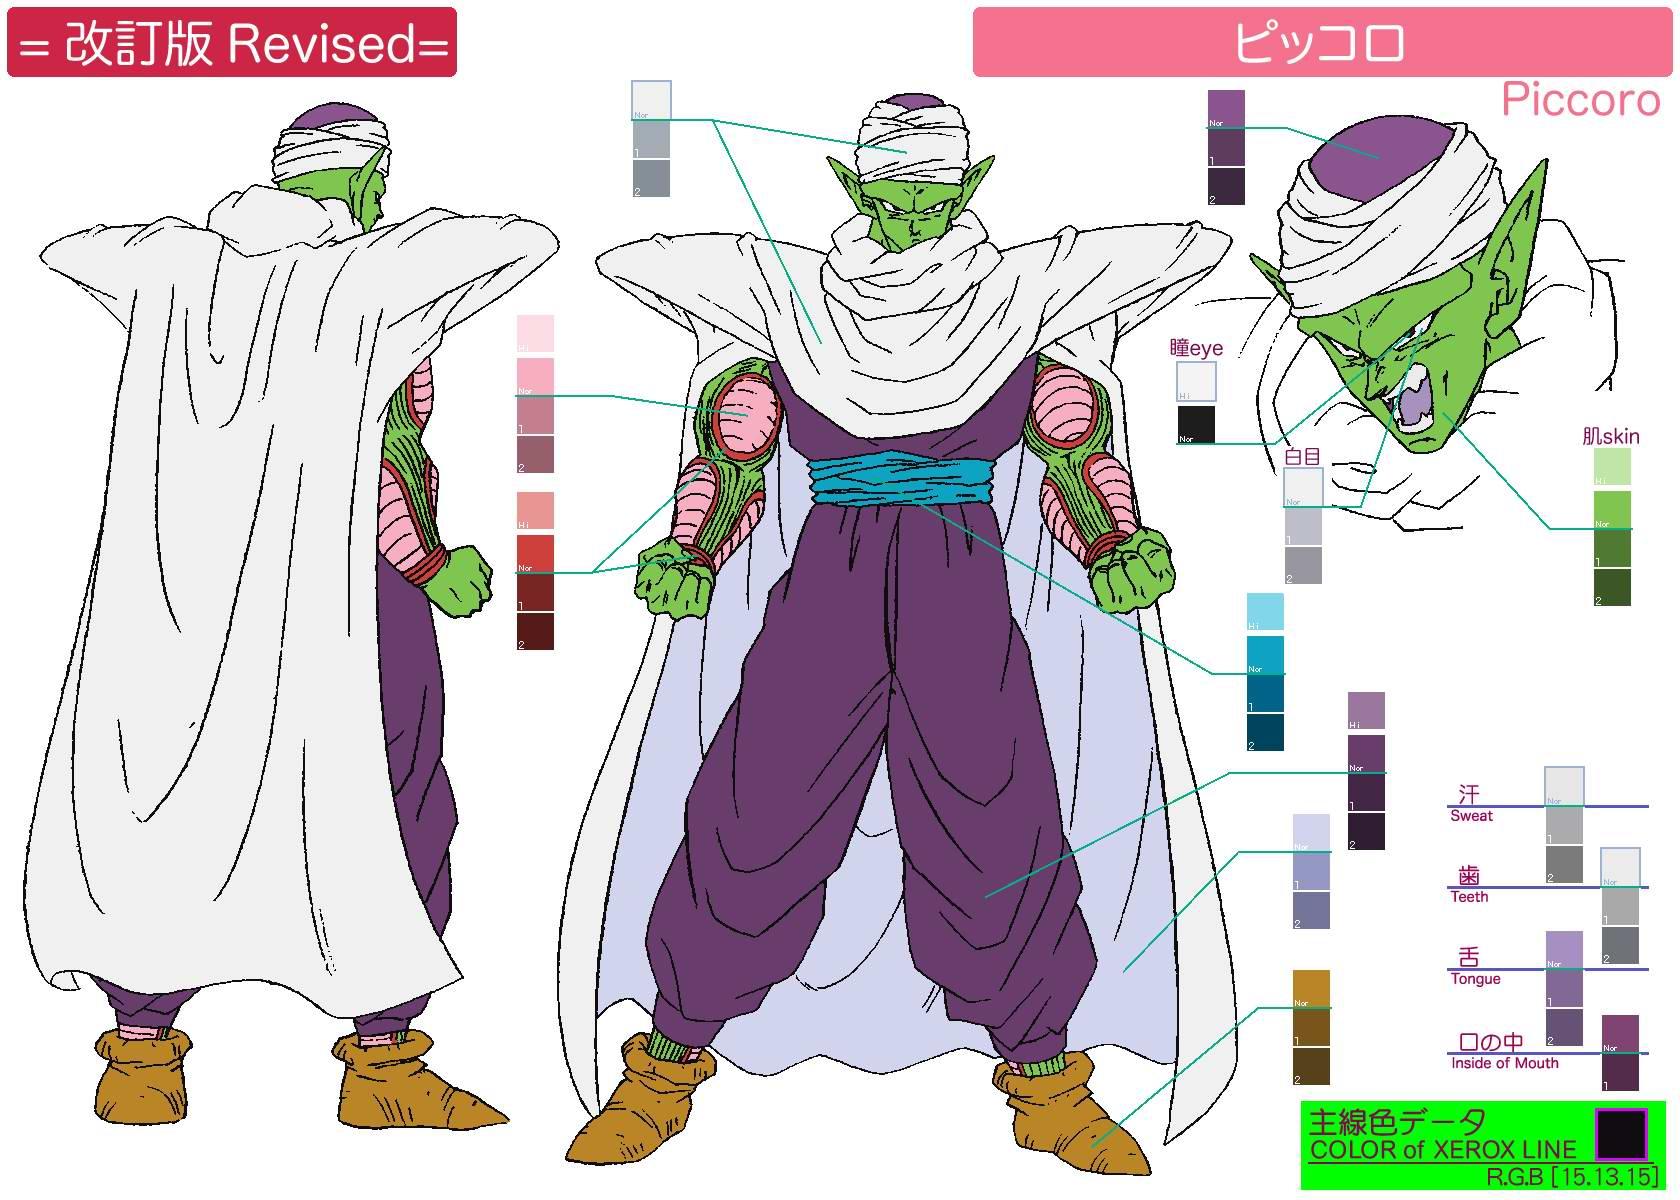 Piccolo Dragon Ball Fighterz